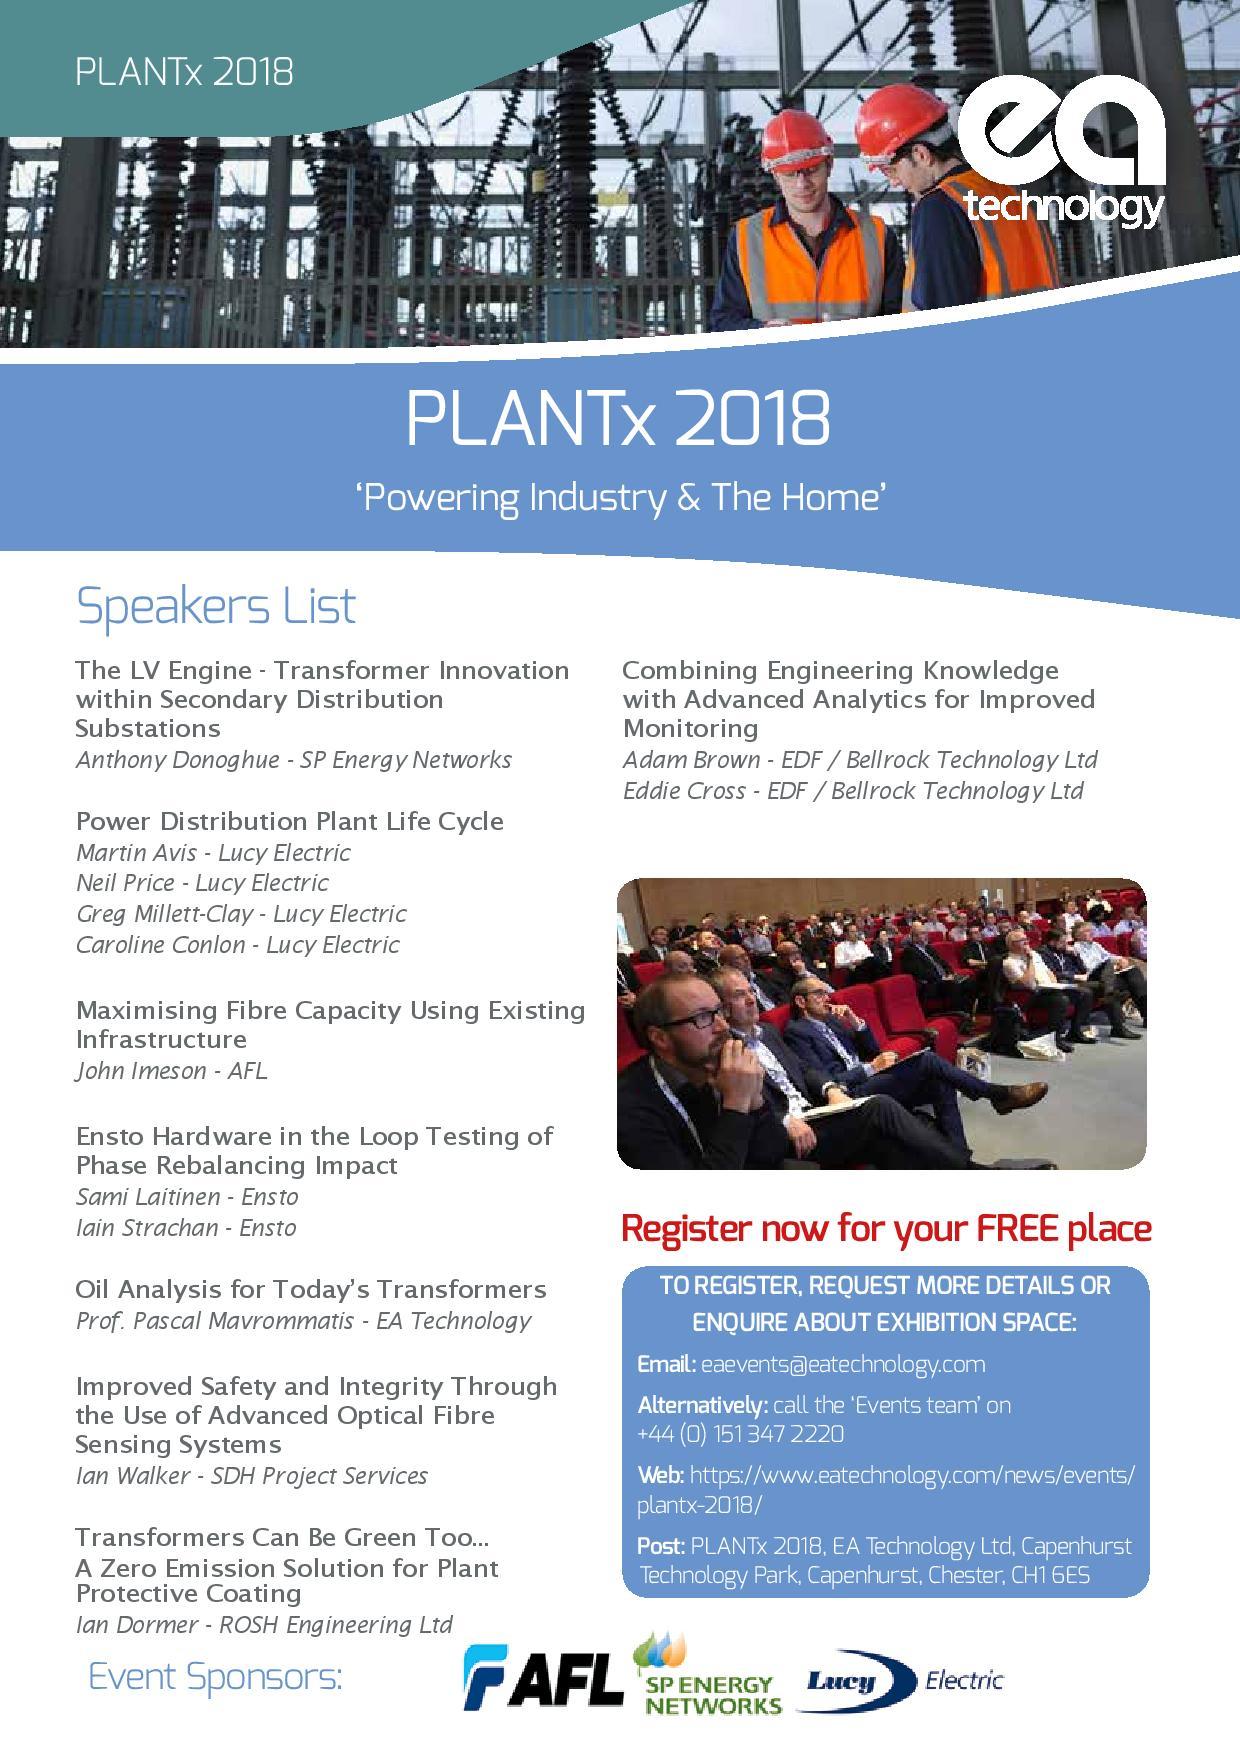 PLANTx 2018